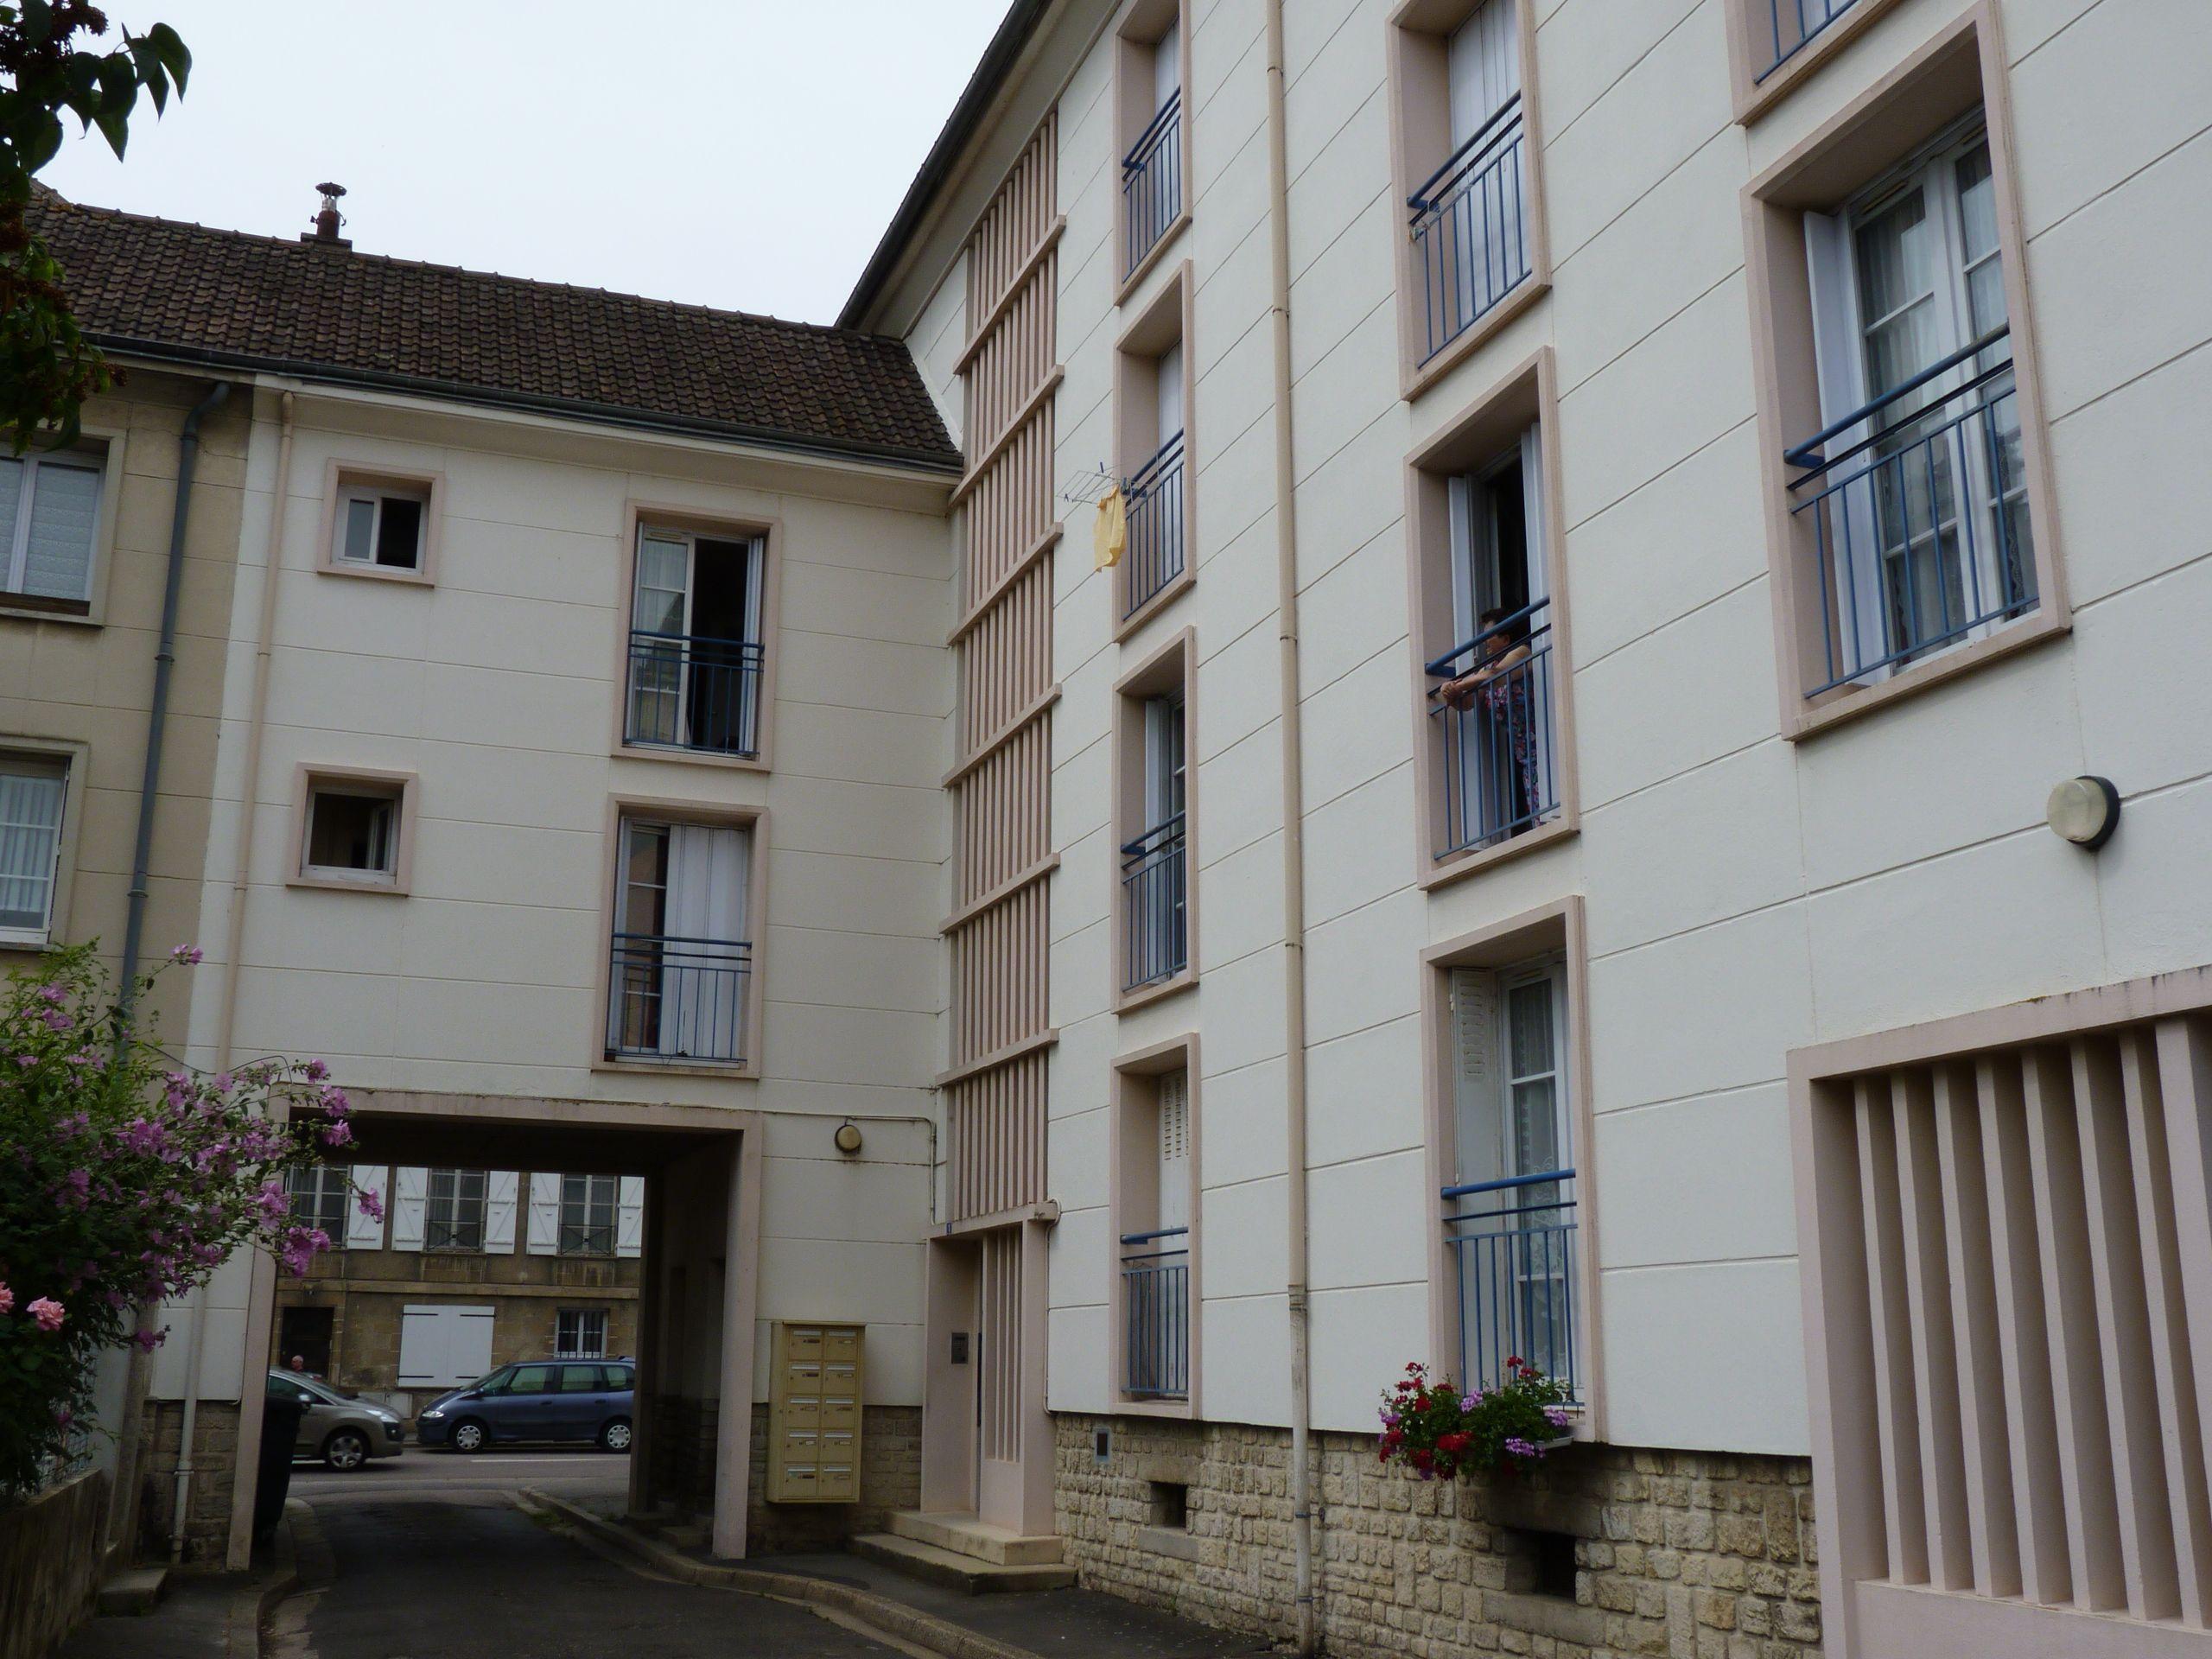 Logement argentan locataion appartement t1 for Entretien exterieur locataire